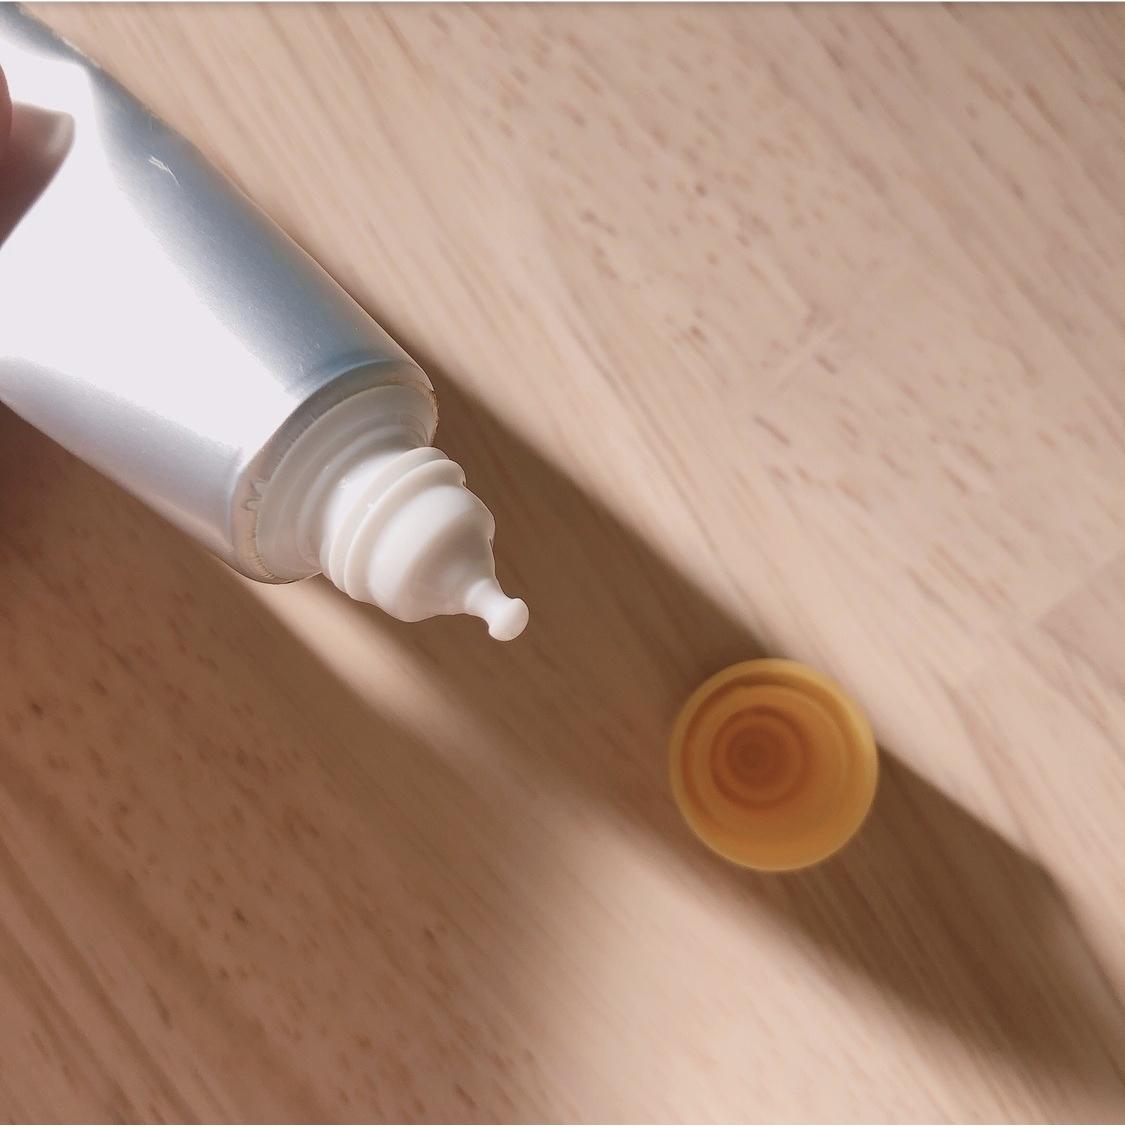 メラノCC 薬用 しみ 集中対策 美容液を使ったみーさん¨̮⸝⋆さんのクチコミ画像3